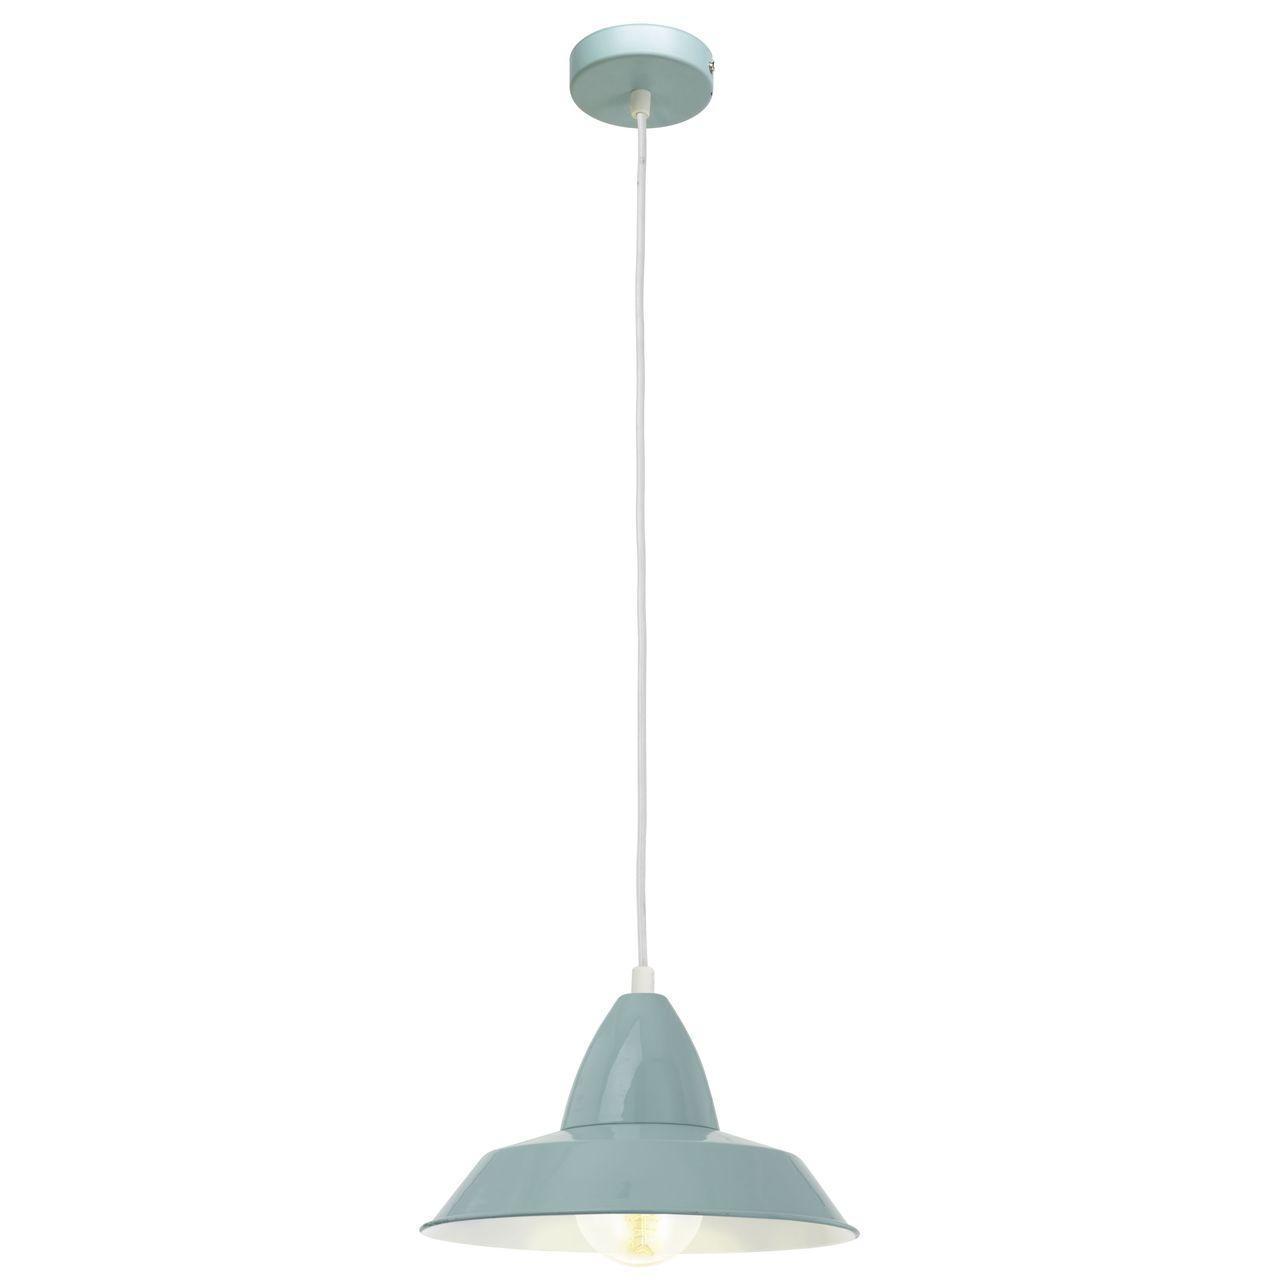 Подвесной светильник Eglo Vintage 49244 подвесной светильник eglo vintage 49214